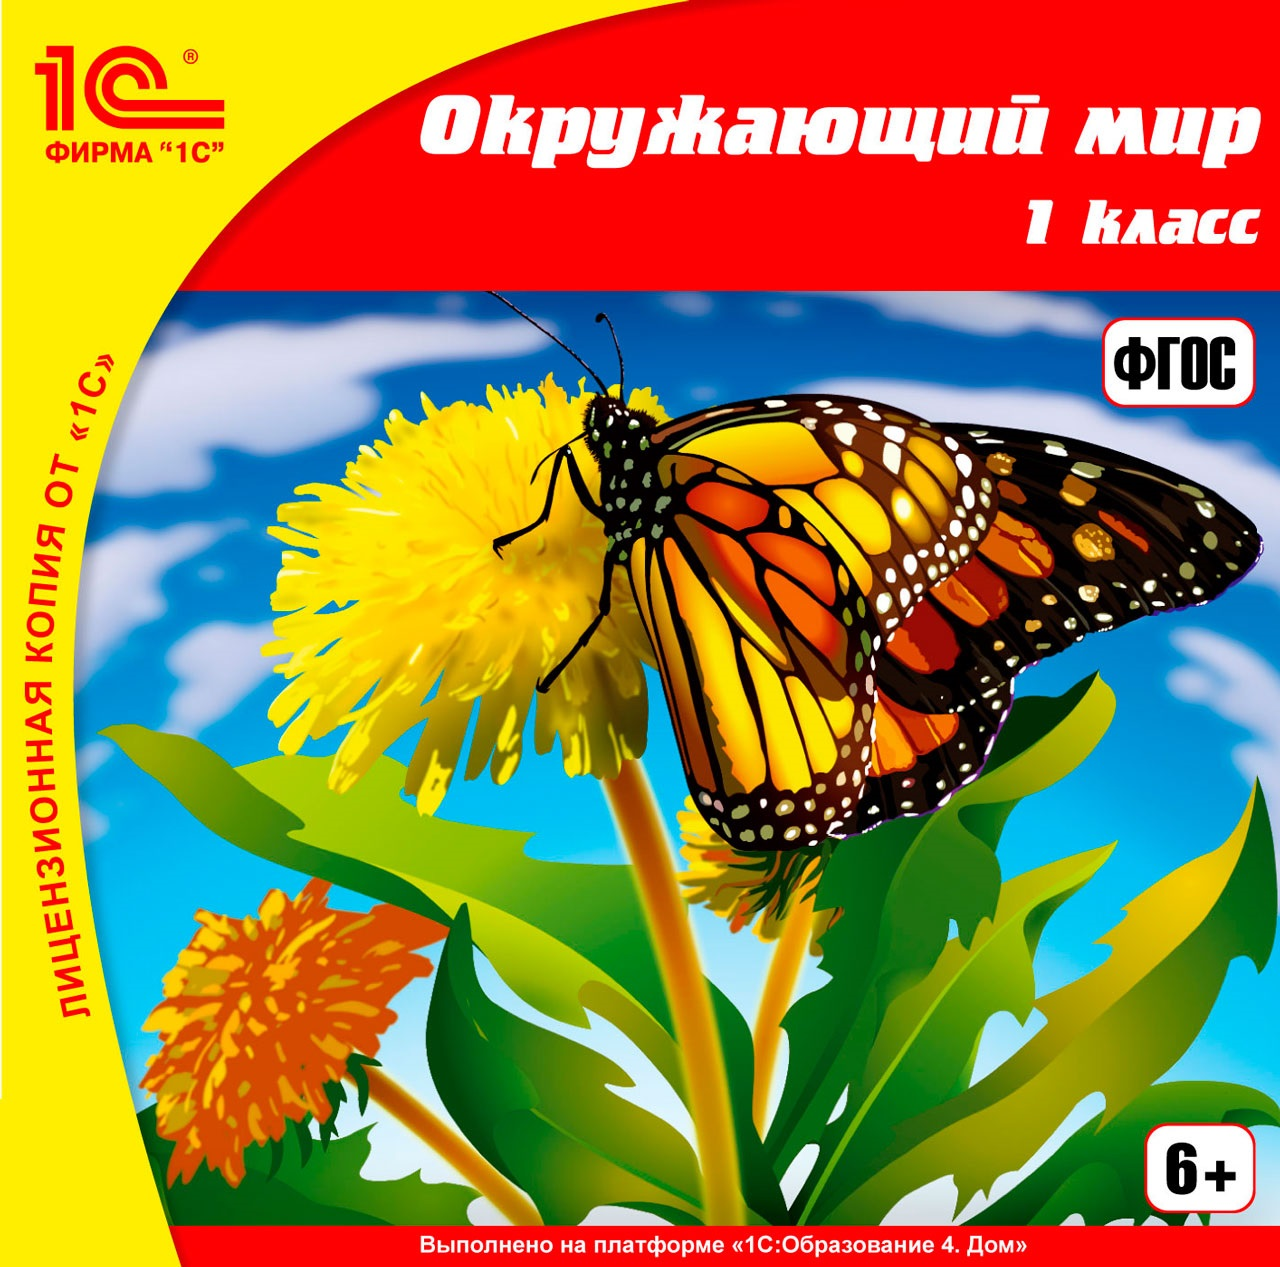 Окружающий мир, 1 класс повседневная жизнь русского народа x xvii веков электронное учебное пособие для 7 класса cdpc